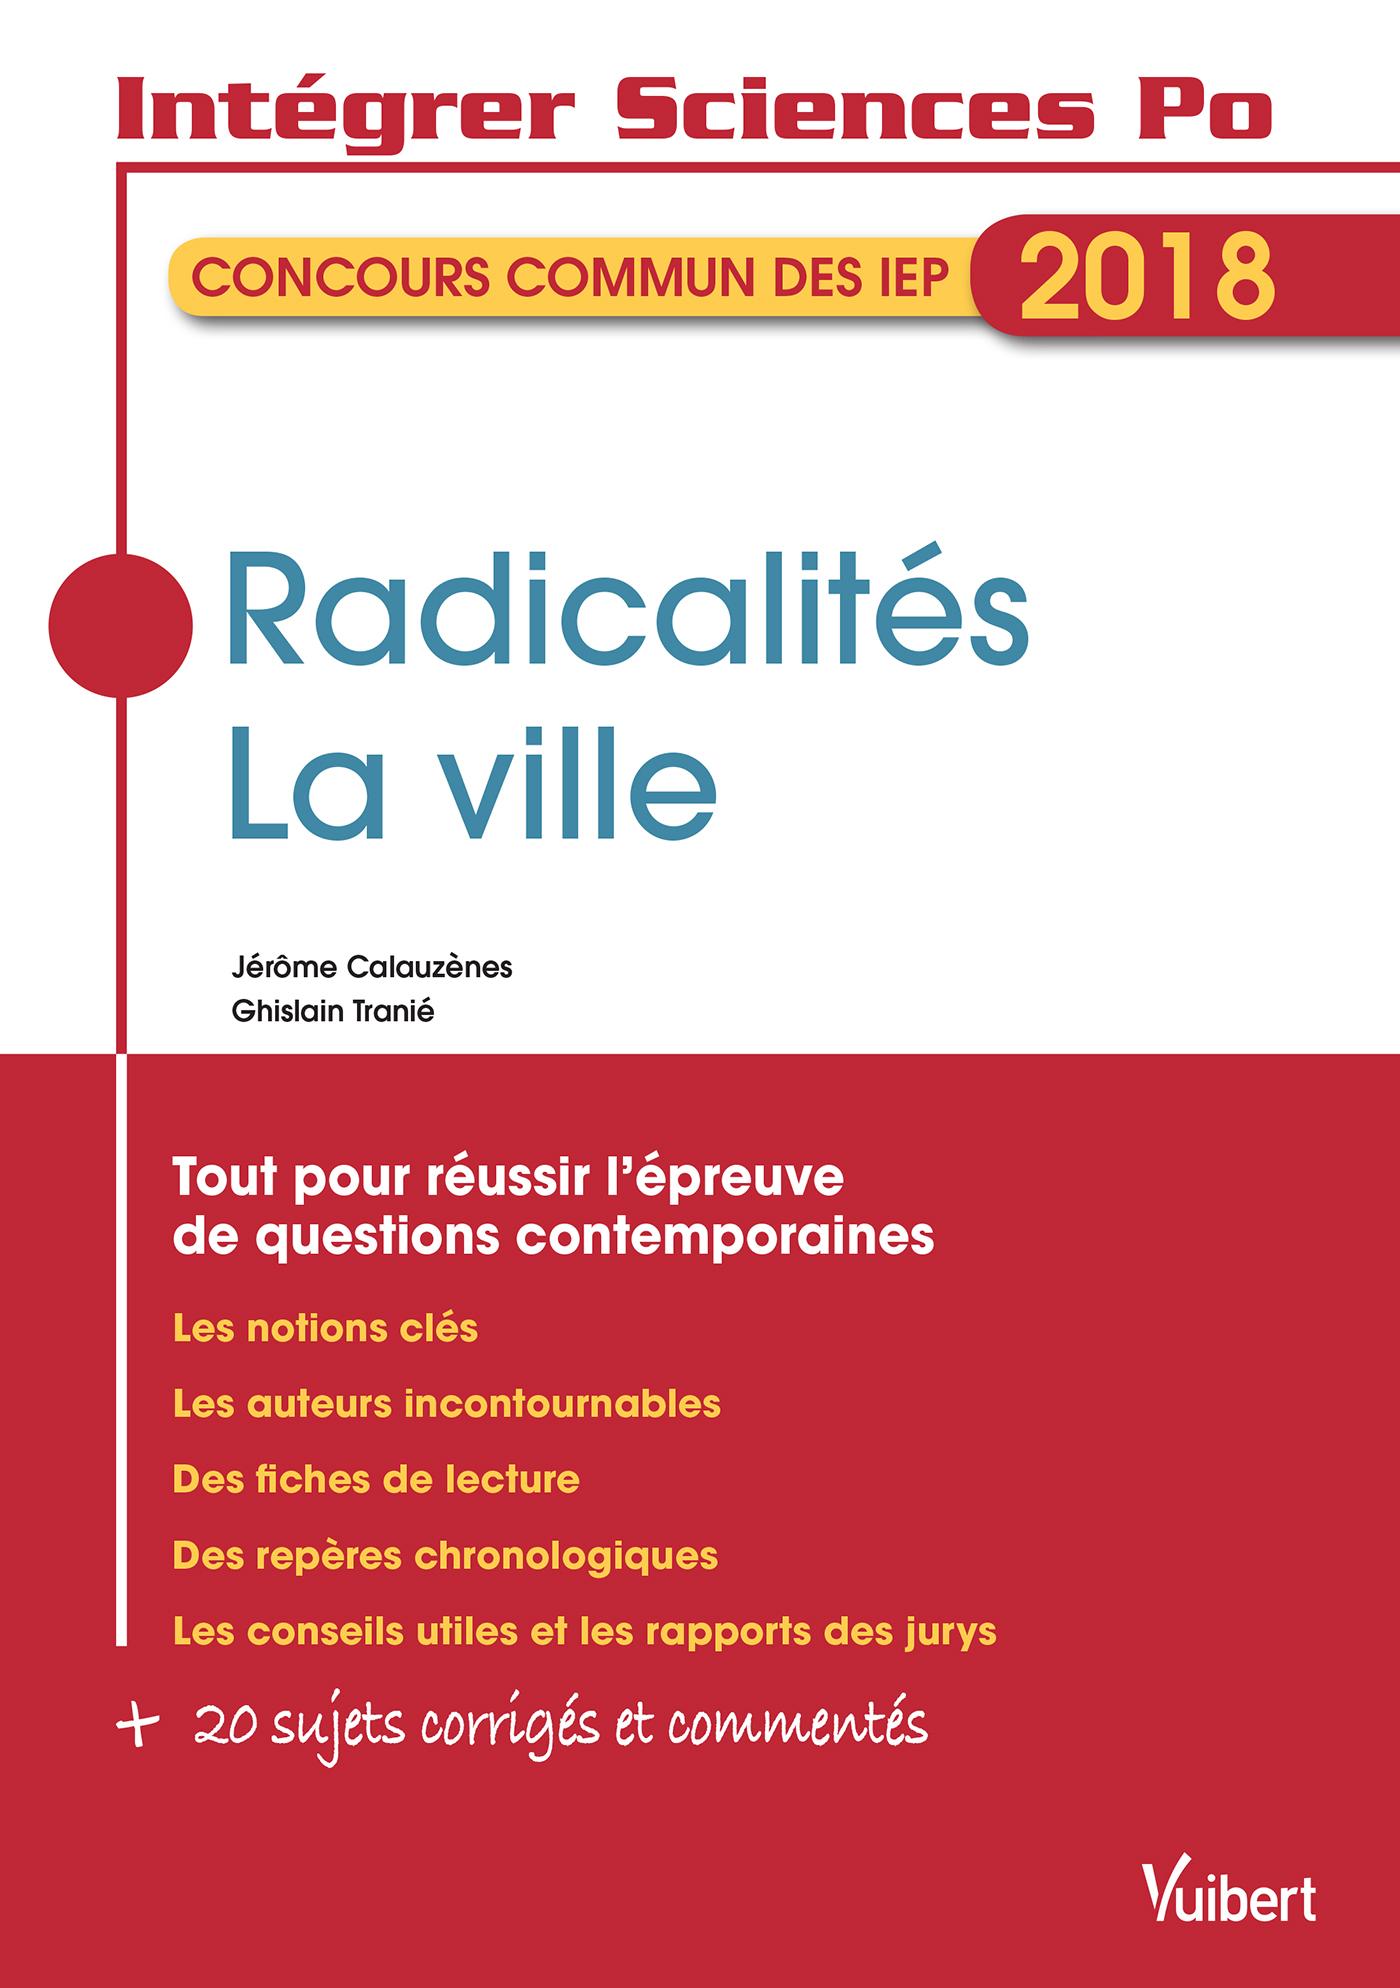 RADICALITES LA VILLE INT SC PO QUESTIONS CONTEMP IEP 2018